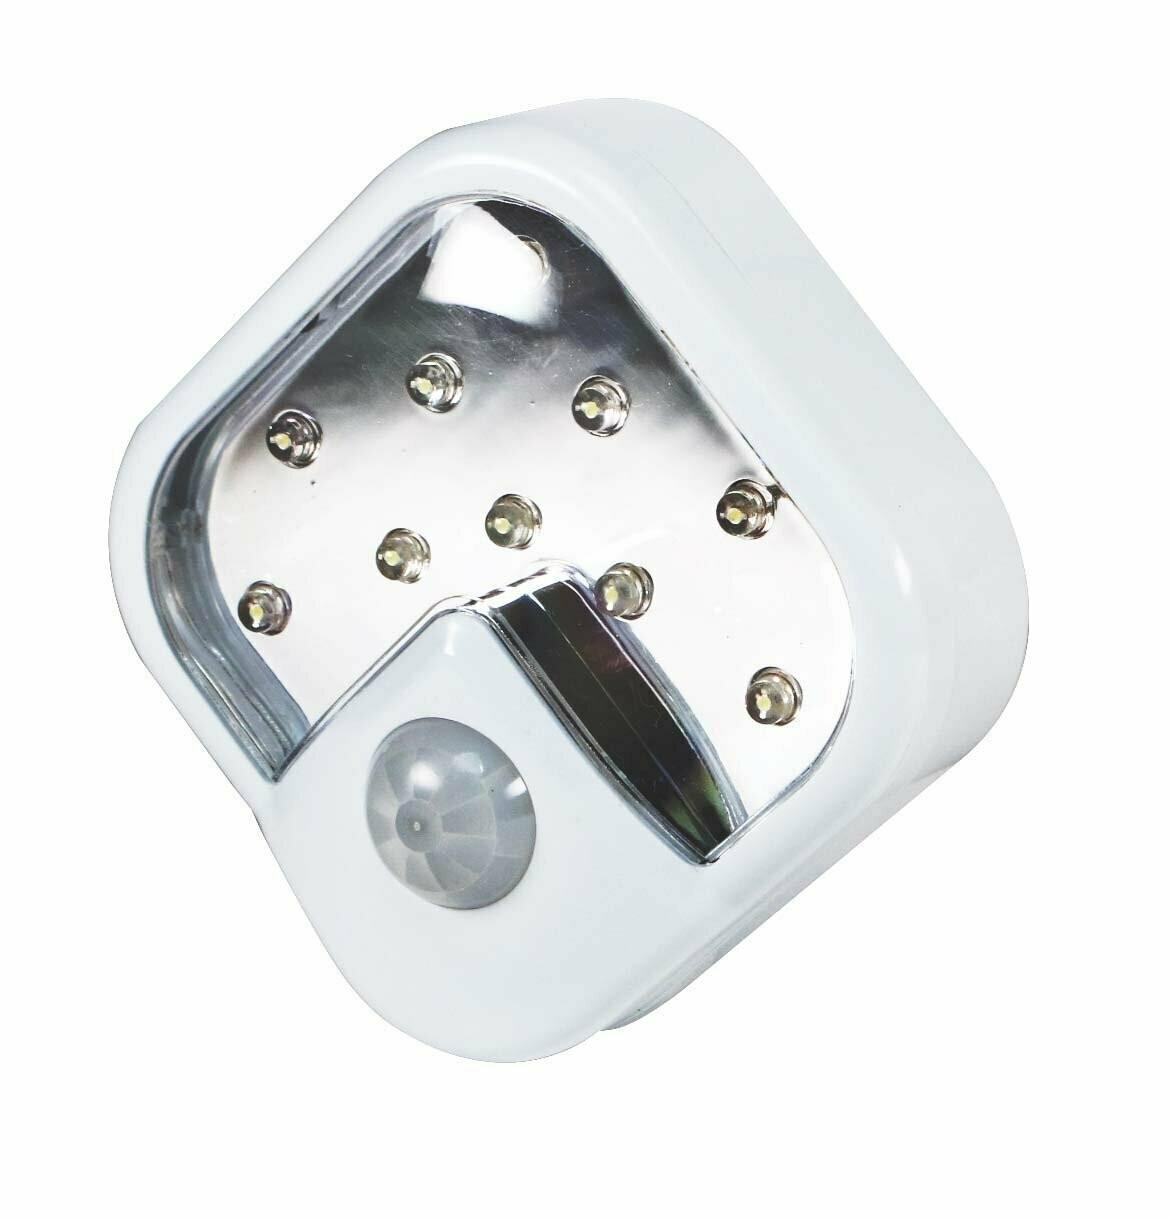 Lumiere avec Detecteur de Mouvement (Batteries Non-Inclus) - Light Motion Detector